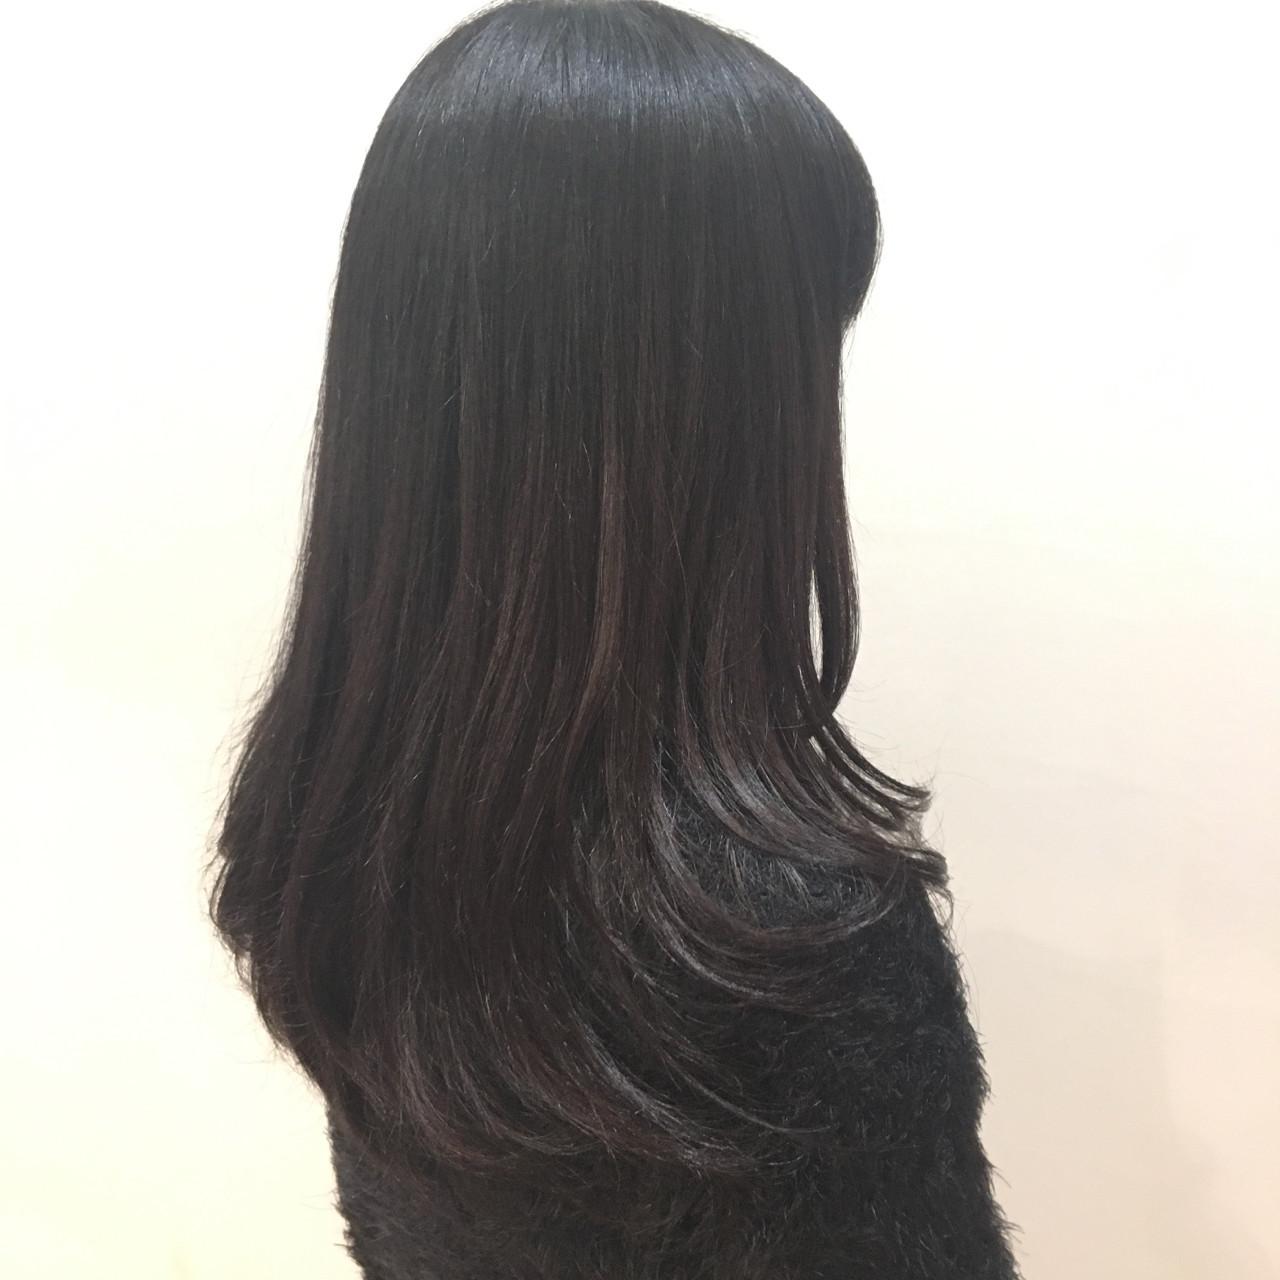 黒髪ベースで暗めでも美しい仕上がりに short yoshioka